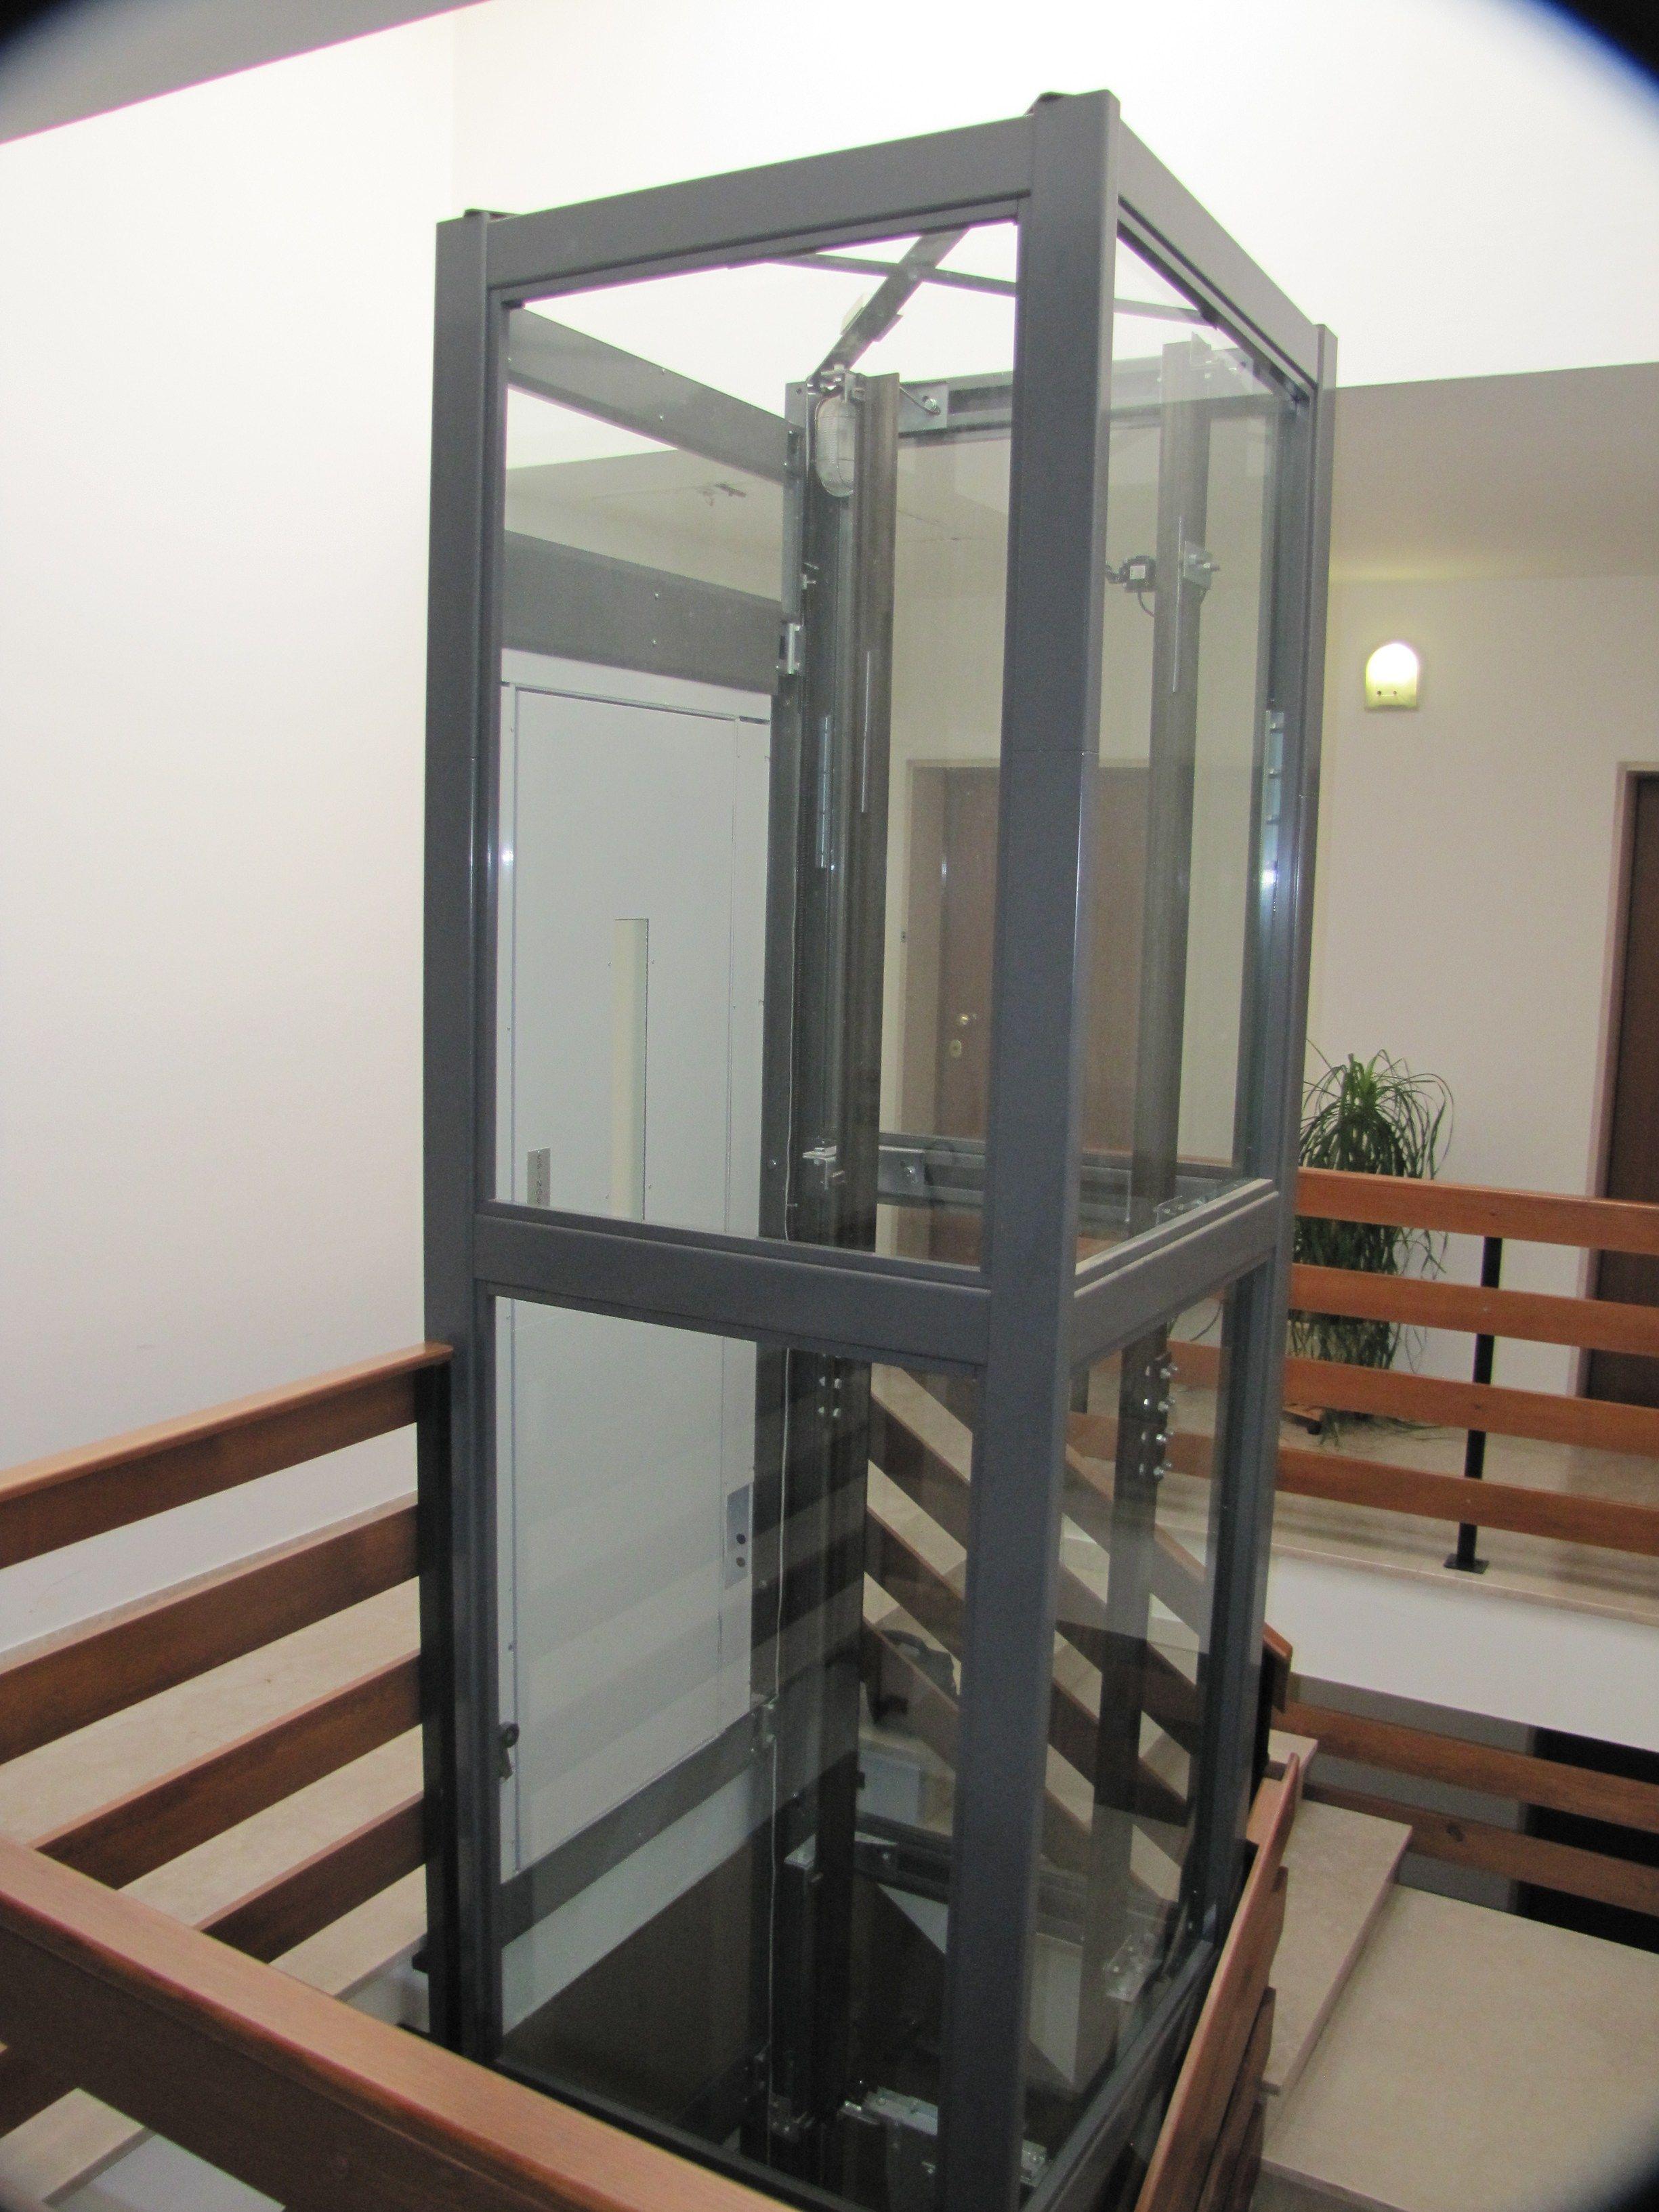 Mini elevador otis homelift by otis servizi - Mini ascensori da interno ...